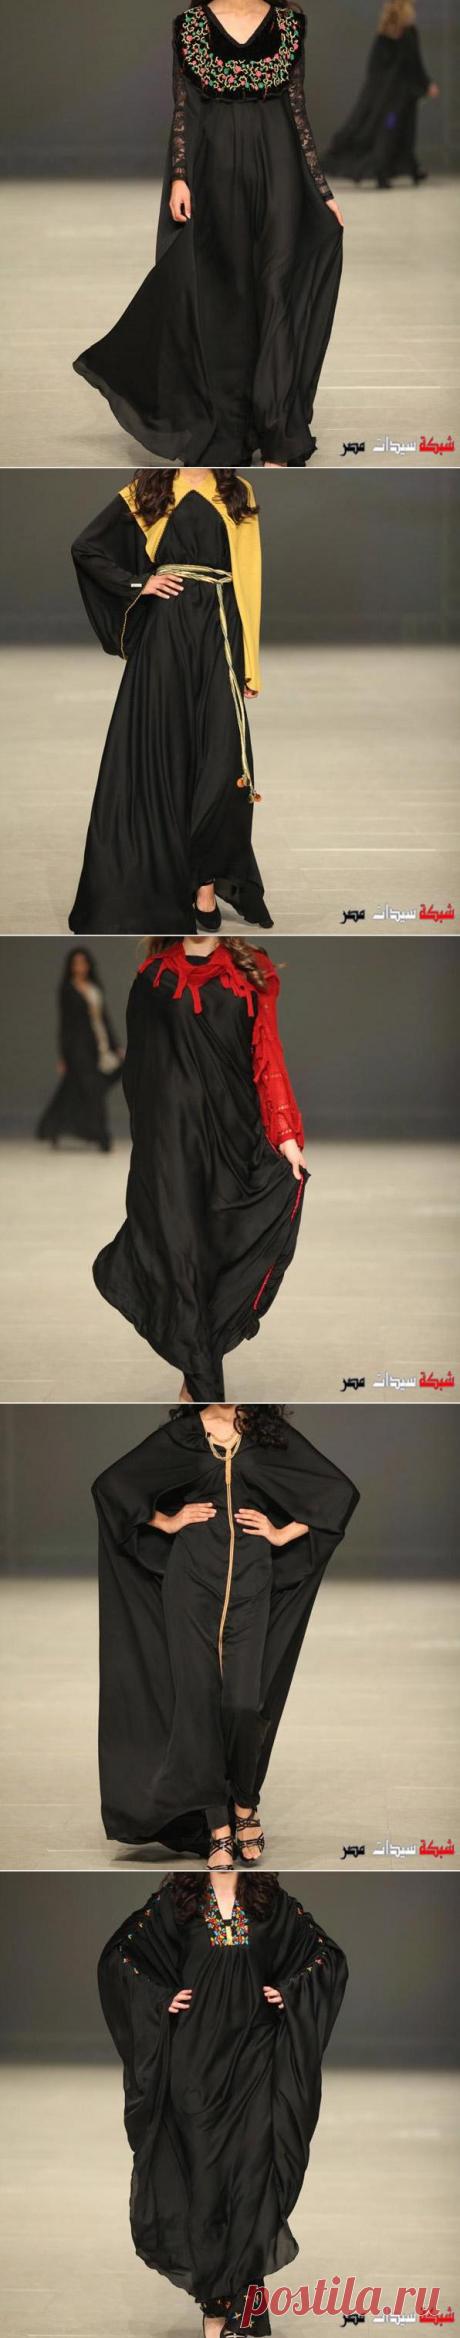 عبايات 2020 - عبايات خروج 2020 - عبايات سوداء رقيقة 2020 - Abaya Fashion 2020